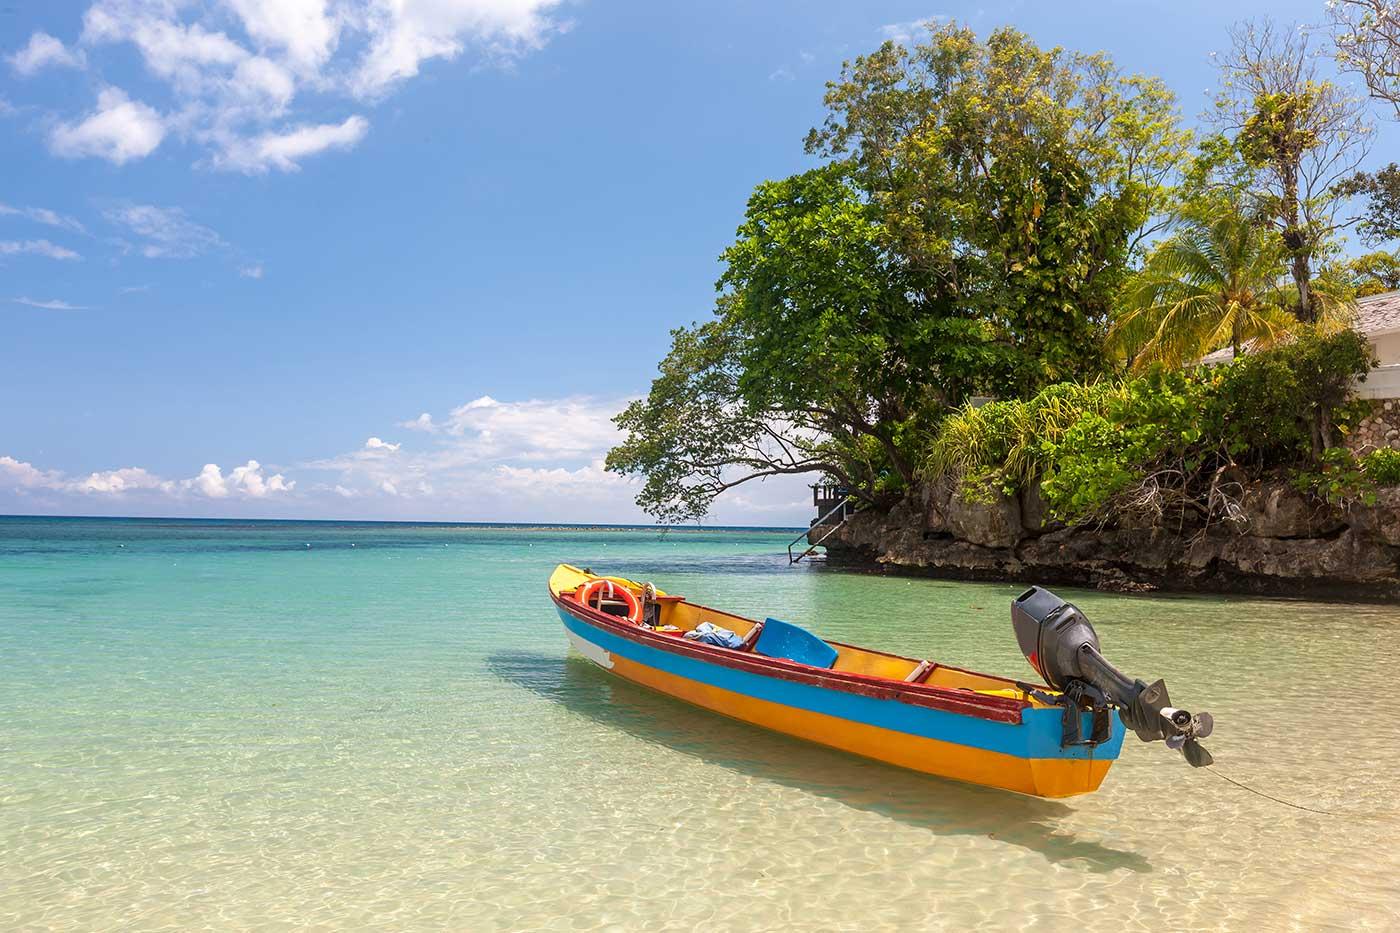 Захватывающее путешествие по Америке: Майами, Ямайка, Каймановы острова, Мексика, Багамы - Туристический оператор APL Travel (АПЛ Тревел)